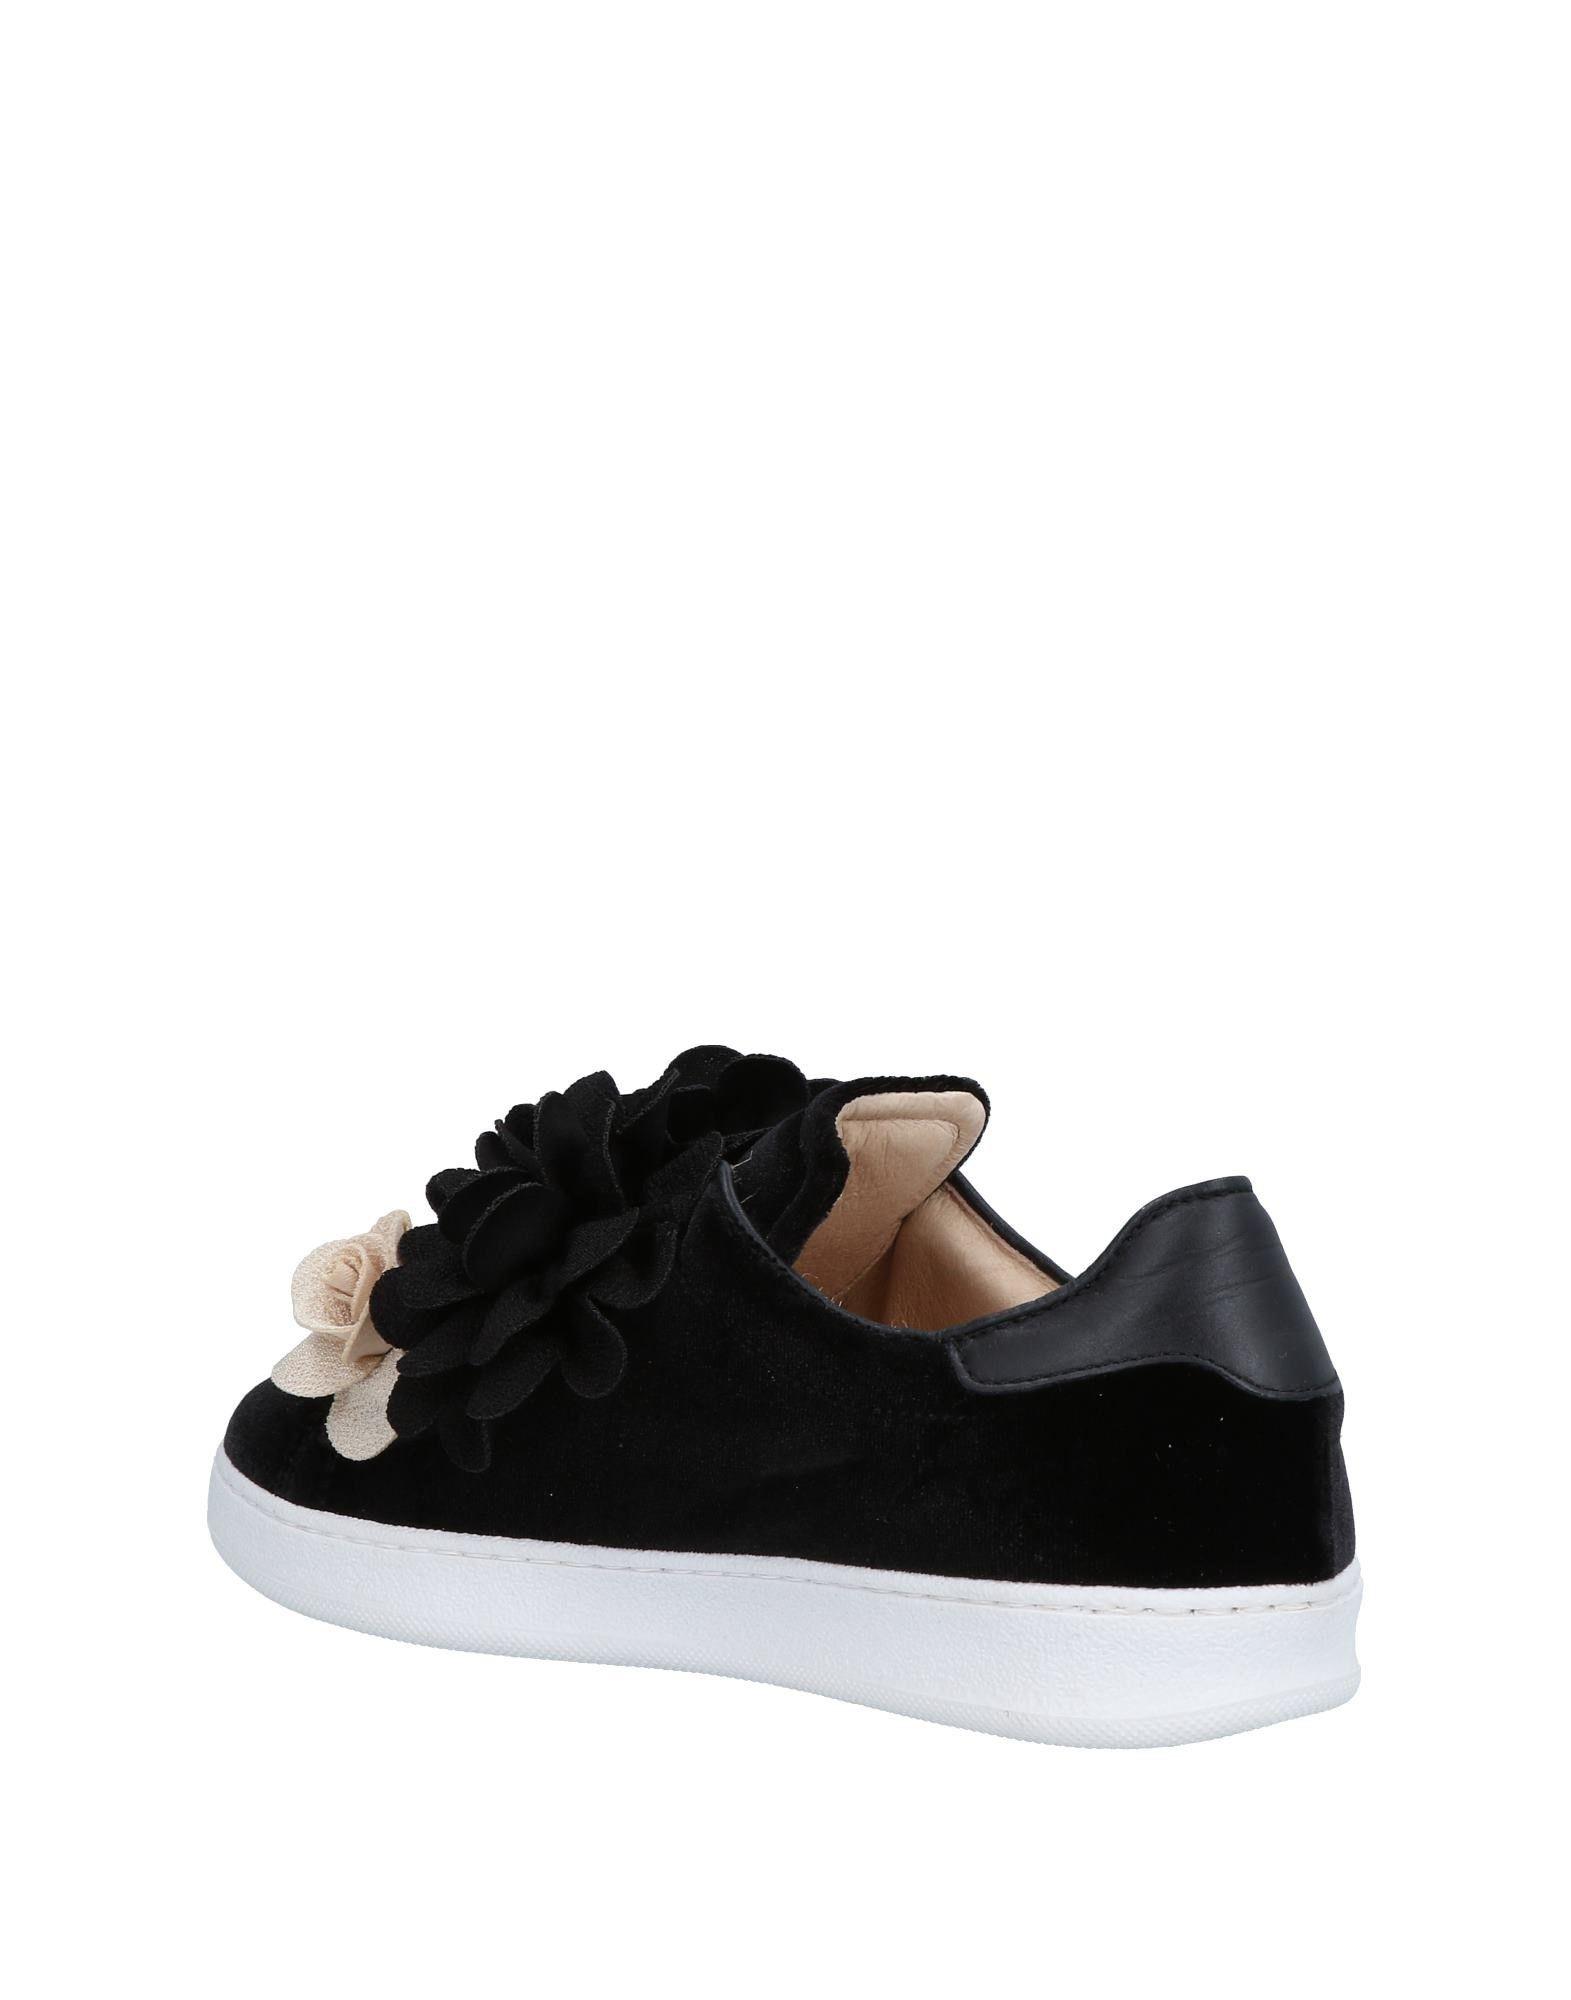 Pokemaoke Sneakers Damen Damen Sneakers  11506551XE Heiße Schuhe c9d644